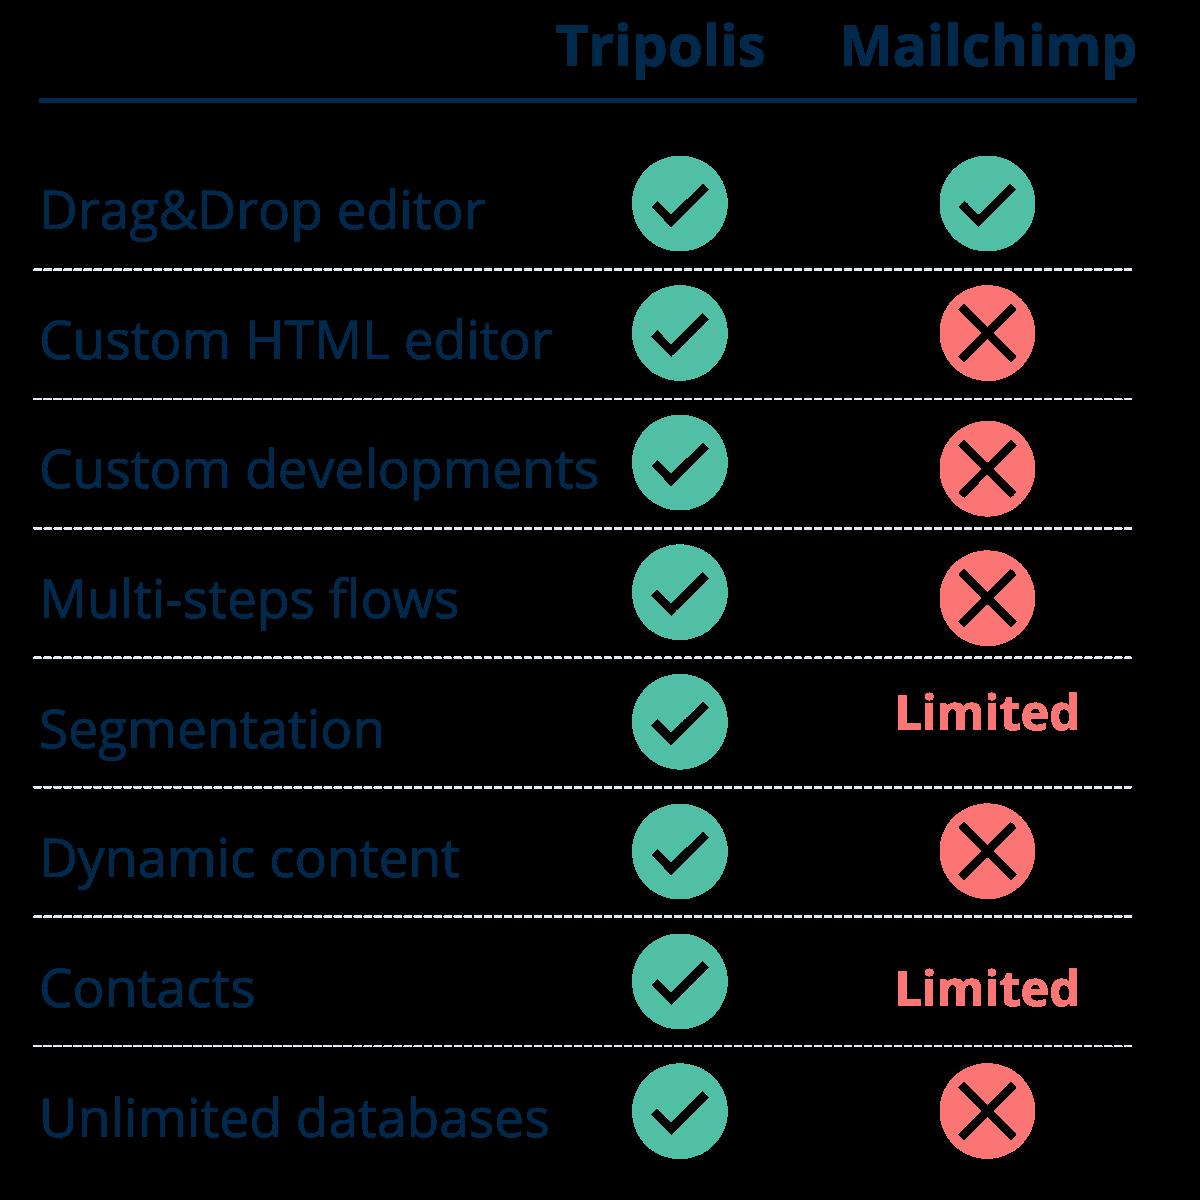 Features Tripolis vs Mailchimp